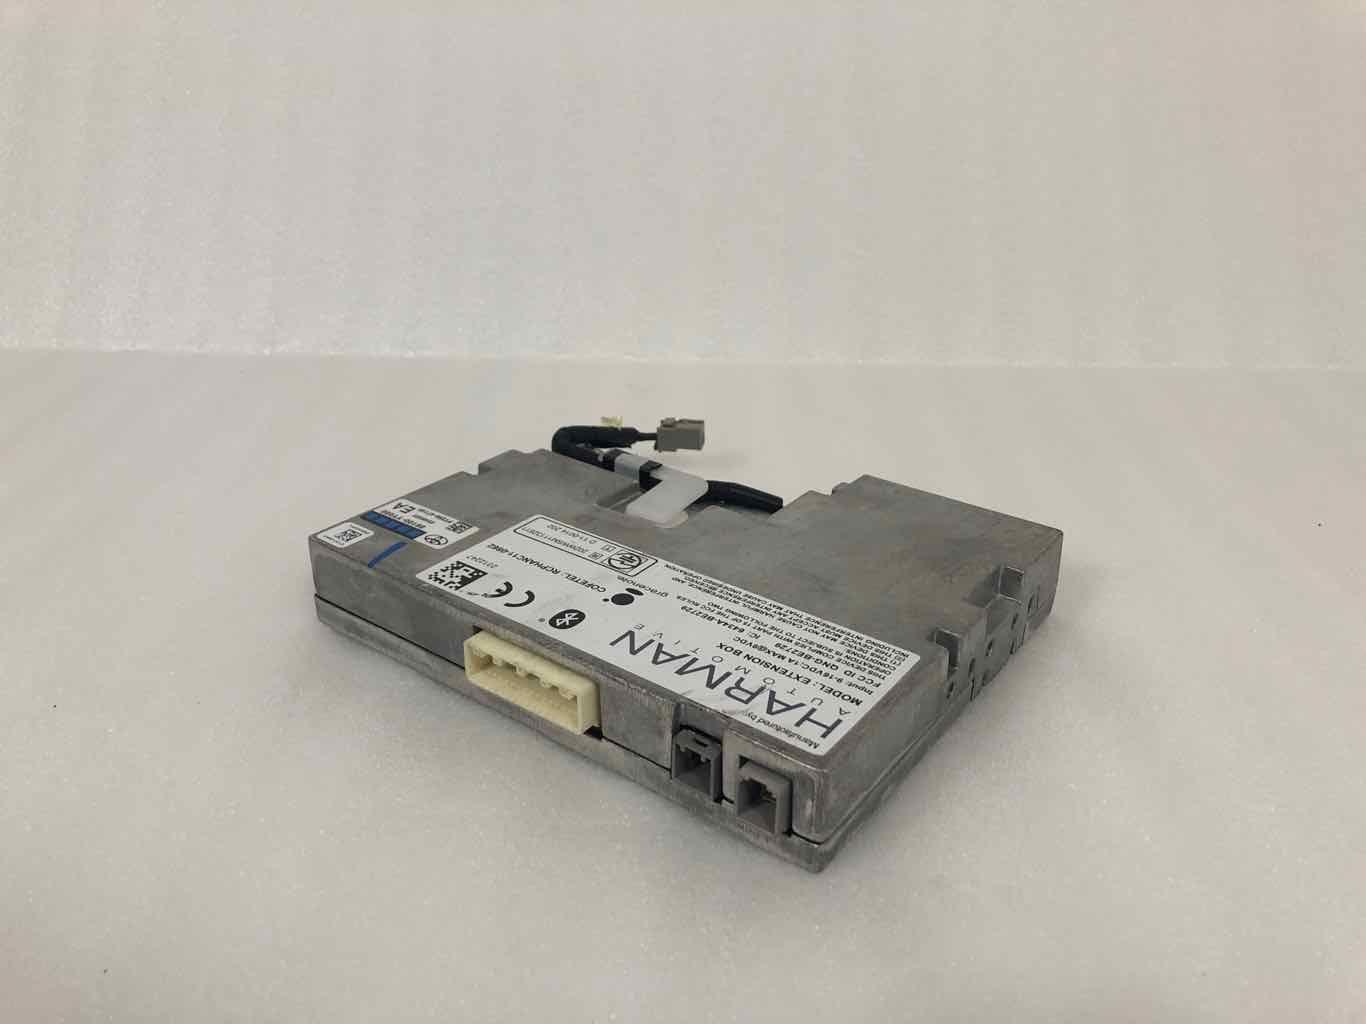 ABAEF84A-CA5C-4F54-A624-BAE7AA1503D5.JPG